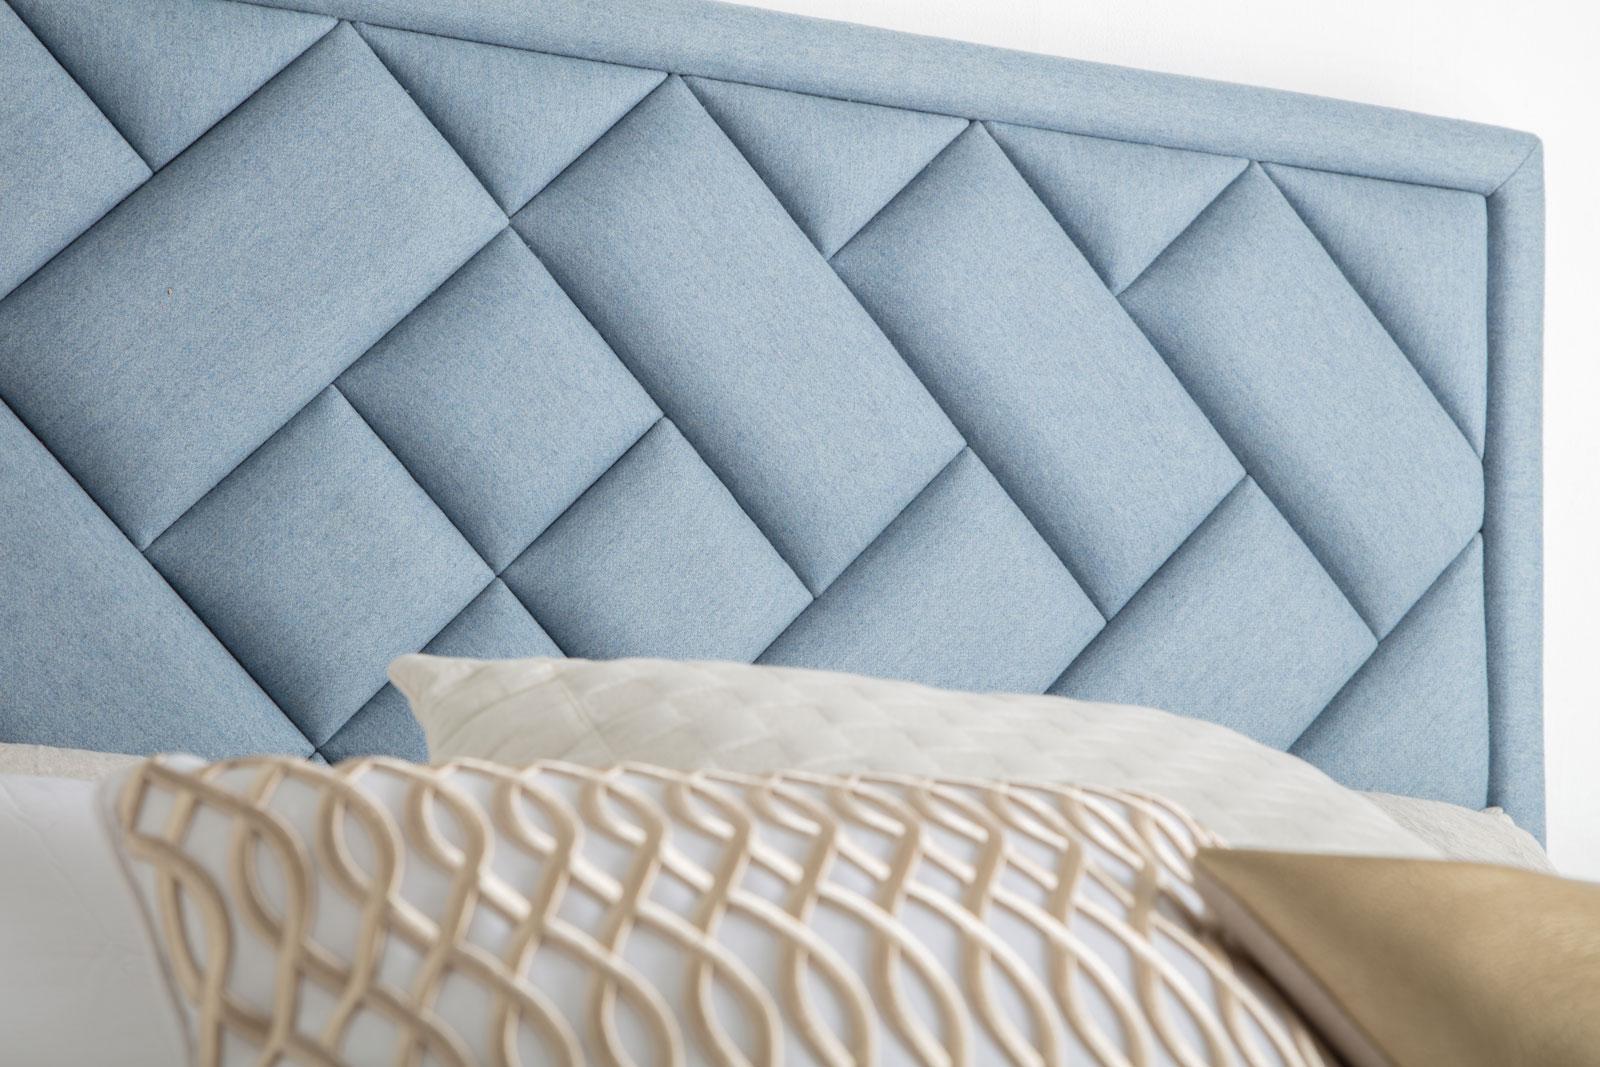 Feng Shui Bedroom, Feng Shui Bedroom Tips, Feng Shui, Feng Shui Home, Feng Shui Design, Interior Design, Bedroom, Bedroom Layout